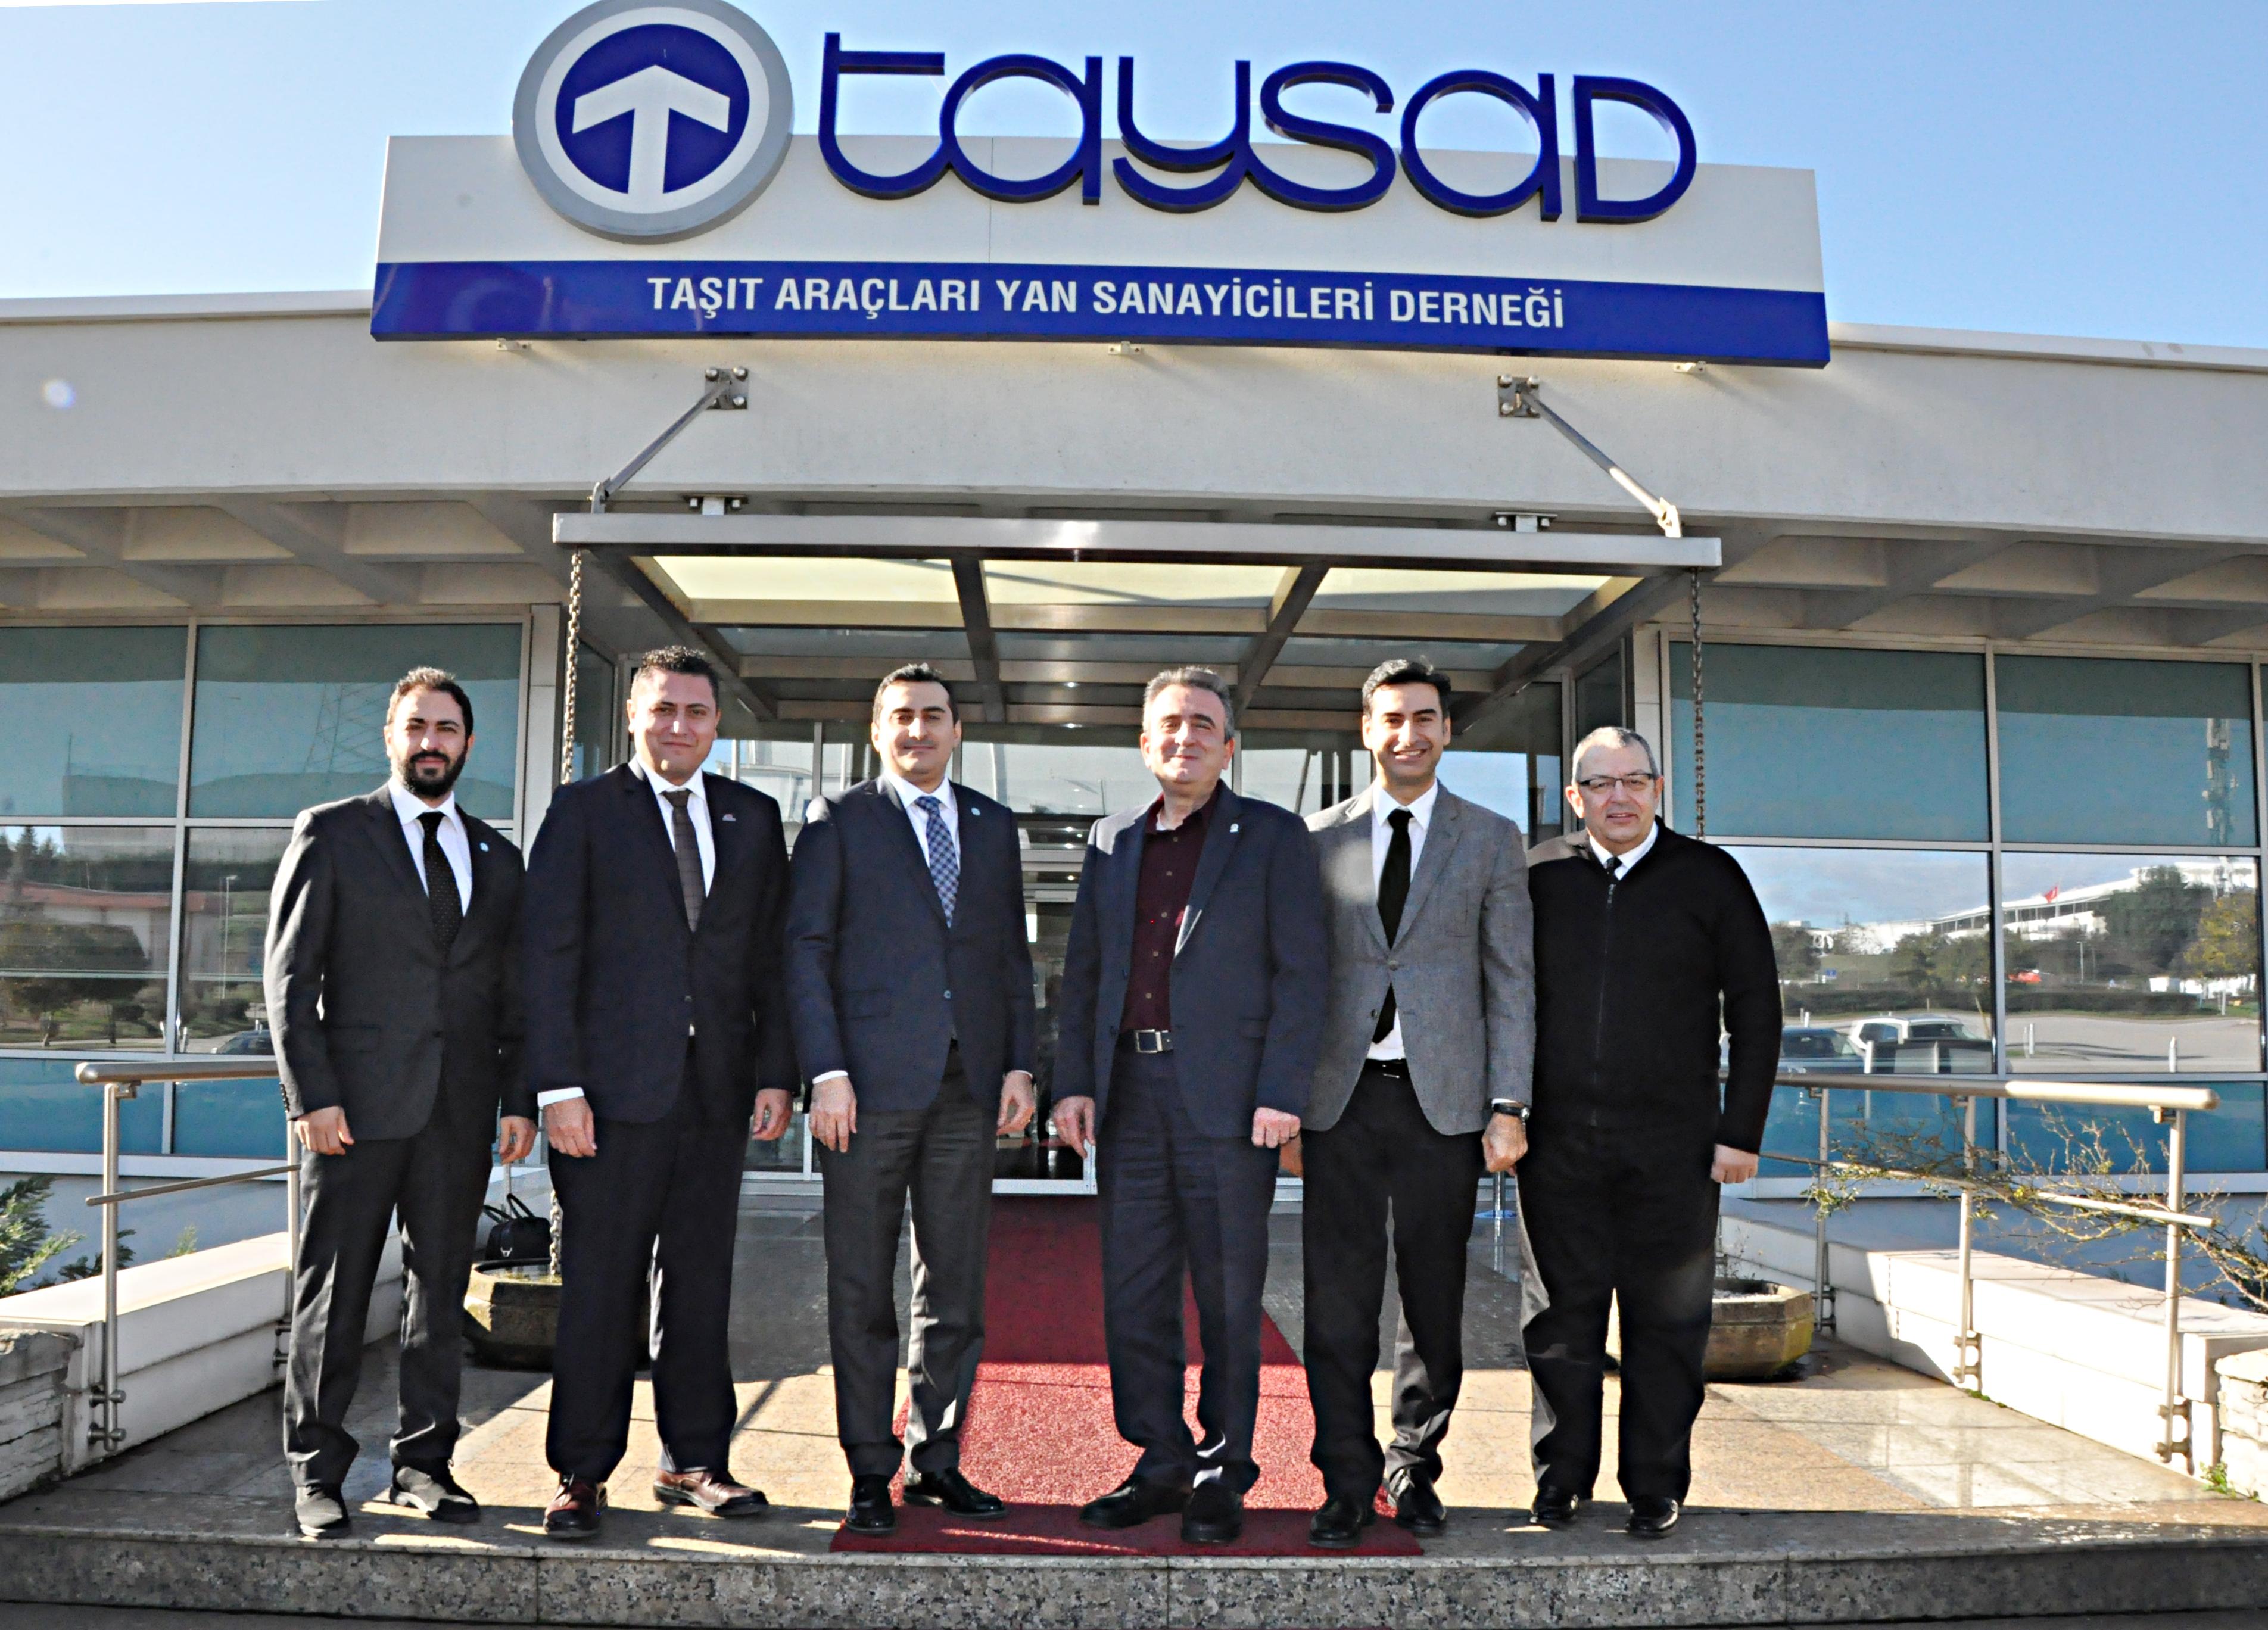 OSS Yeni Yönetim Kurulu İlk Resmi Görüşmesini Taysad'la Gerçeklştirdi